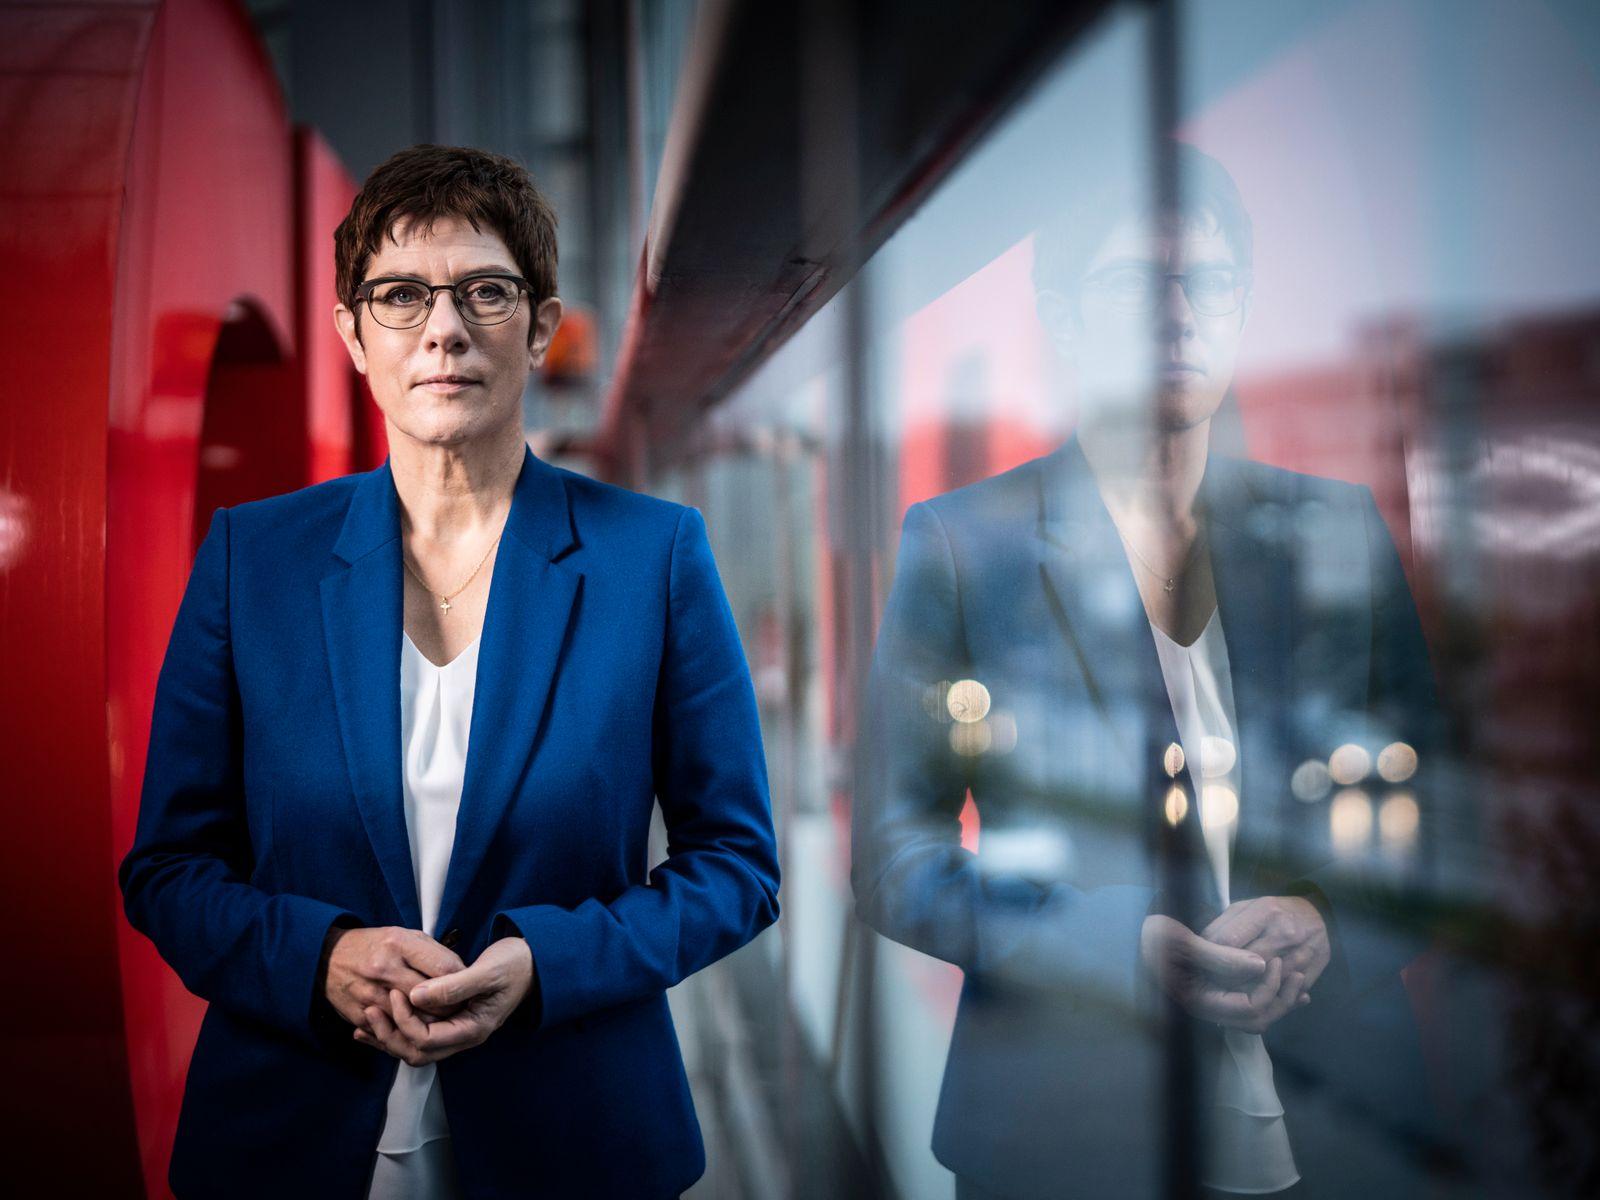 Die CDU-Chefin Annegret Kramp-Karrenbauer am 30.10.2020 in der CDU-Zentrale in Berlin.